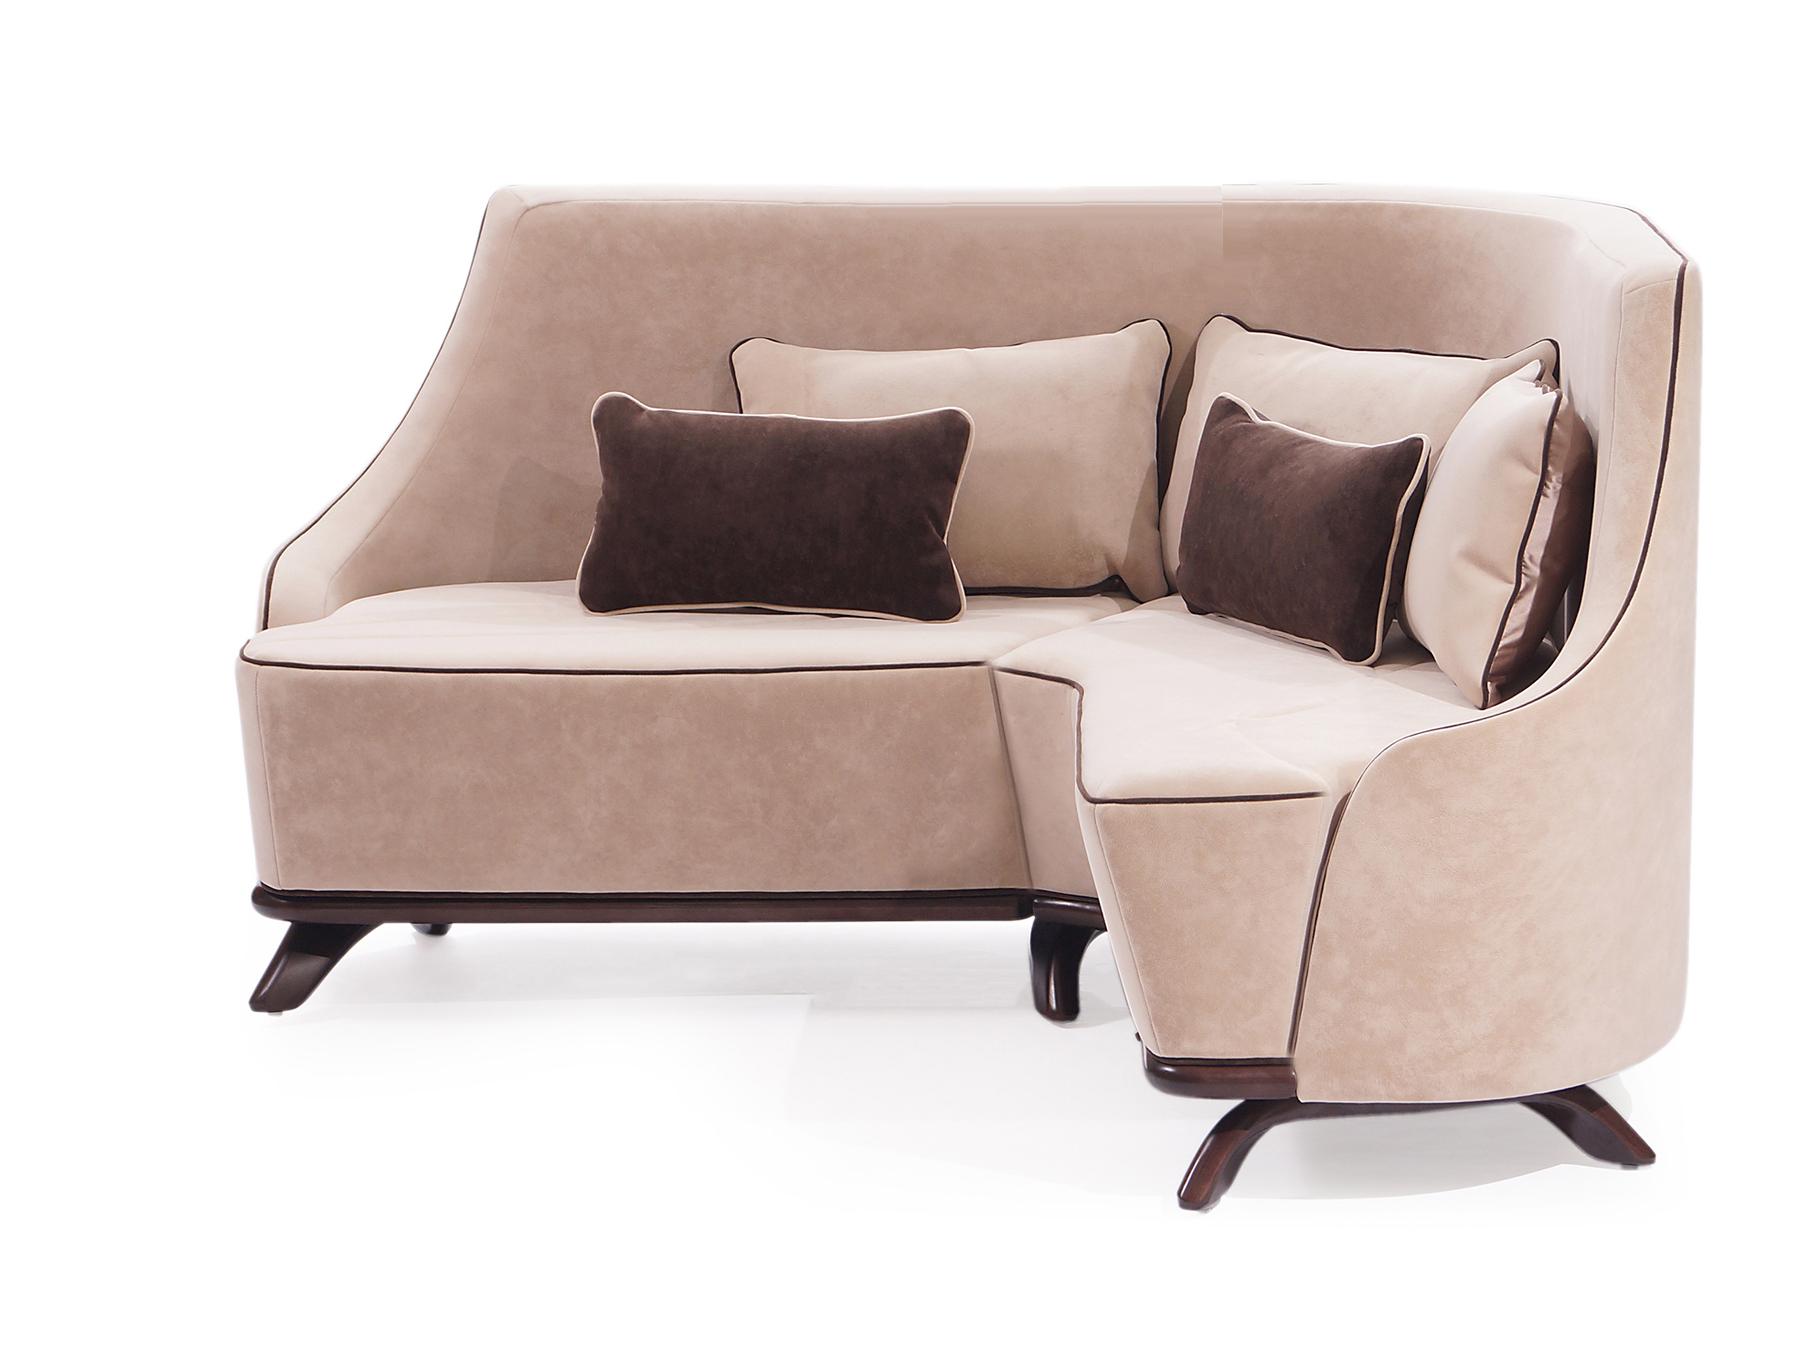 Диван Априори МТрехместные диваны<br>Небольшой угловой  диванчик ,хорошо сочетается в комплекте со столами и стульями коллекции априори. Есть модификации увеличенных размеров.<br><br>Material: Текстиль<br>Ширина см: 210<br>Высота см: 95<br>Глубина см: 140